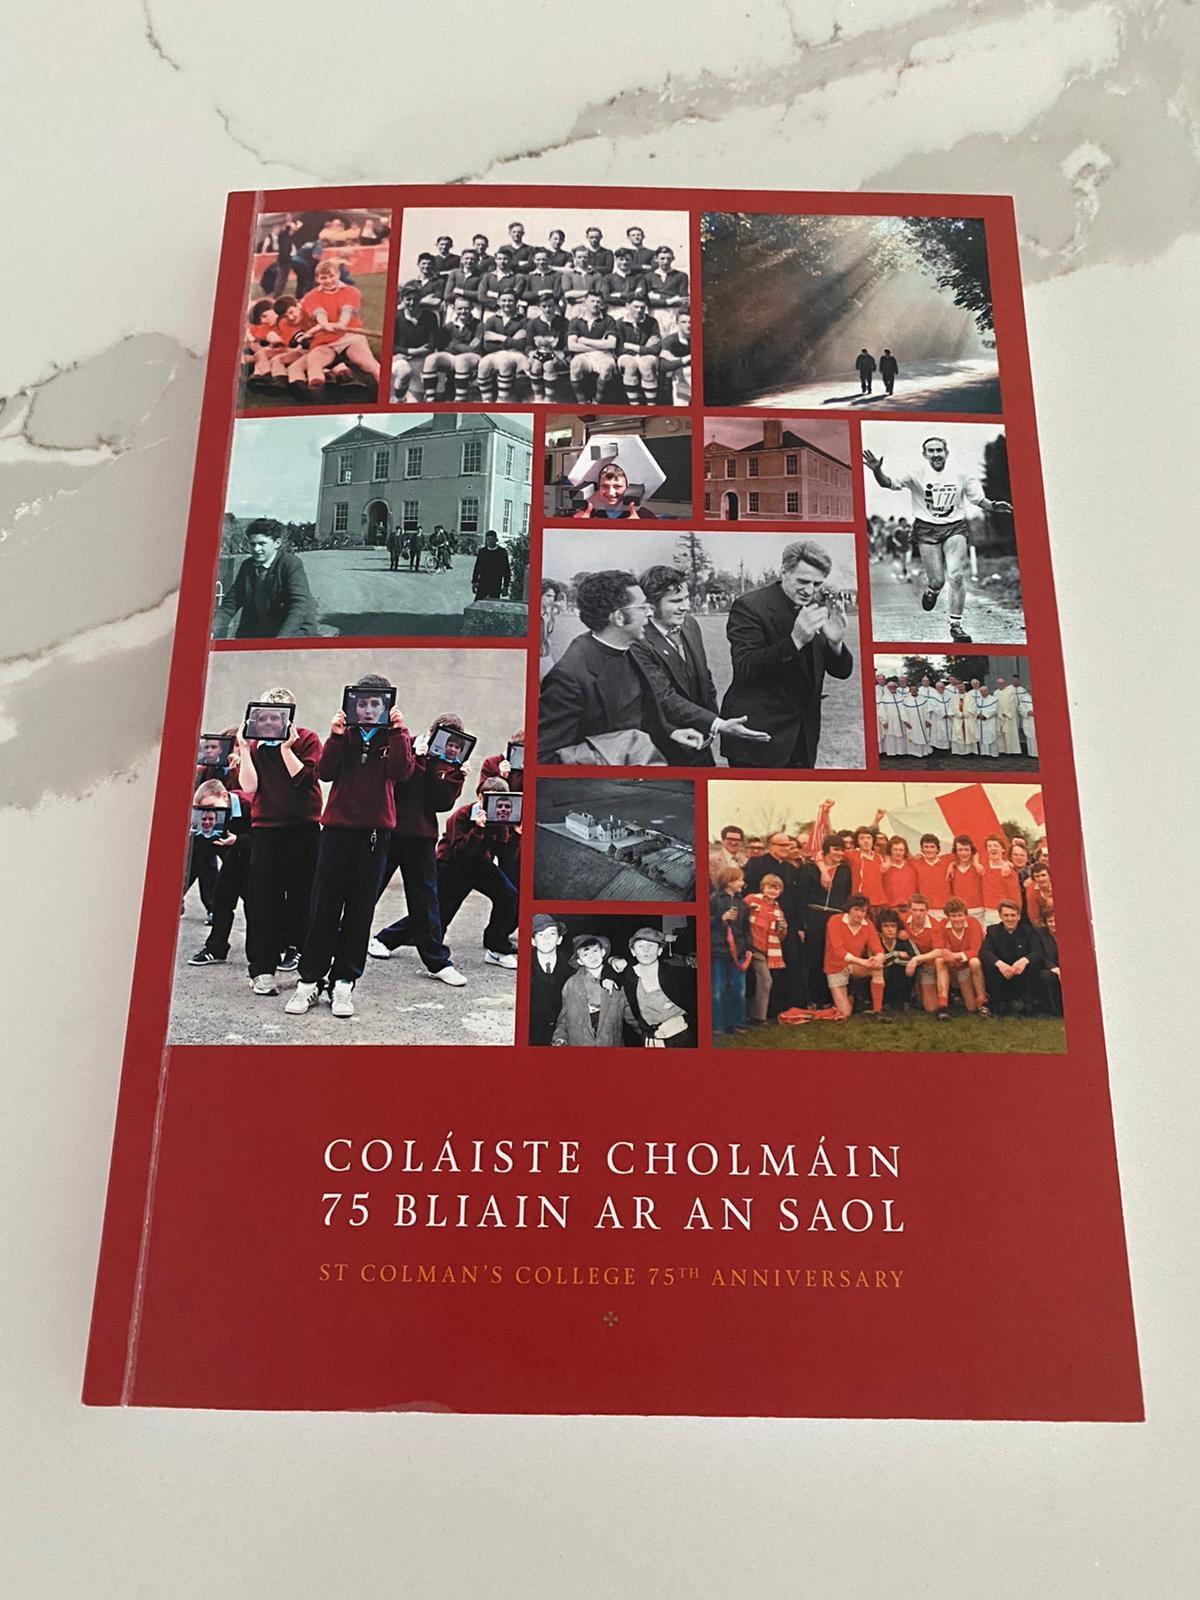 Coláiste Cholmáin – 75 Bliain ar an saol | St. Colman's College 75th Anniversary | Coláiste Cholmáin | Charlie Byrne's